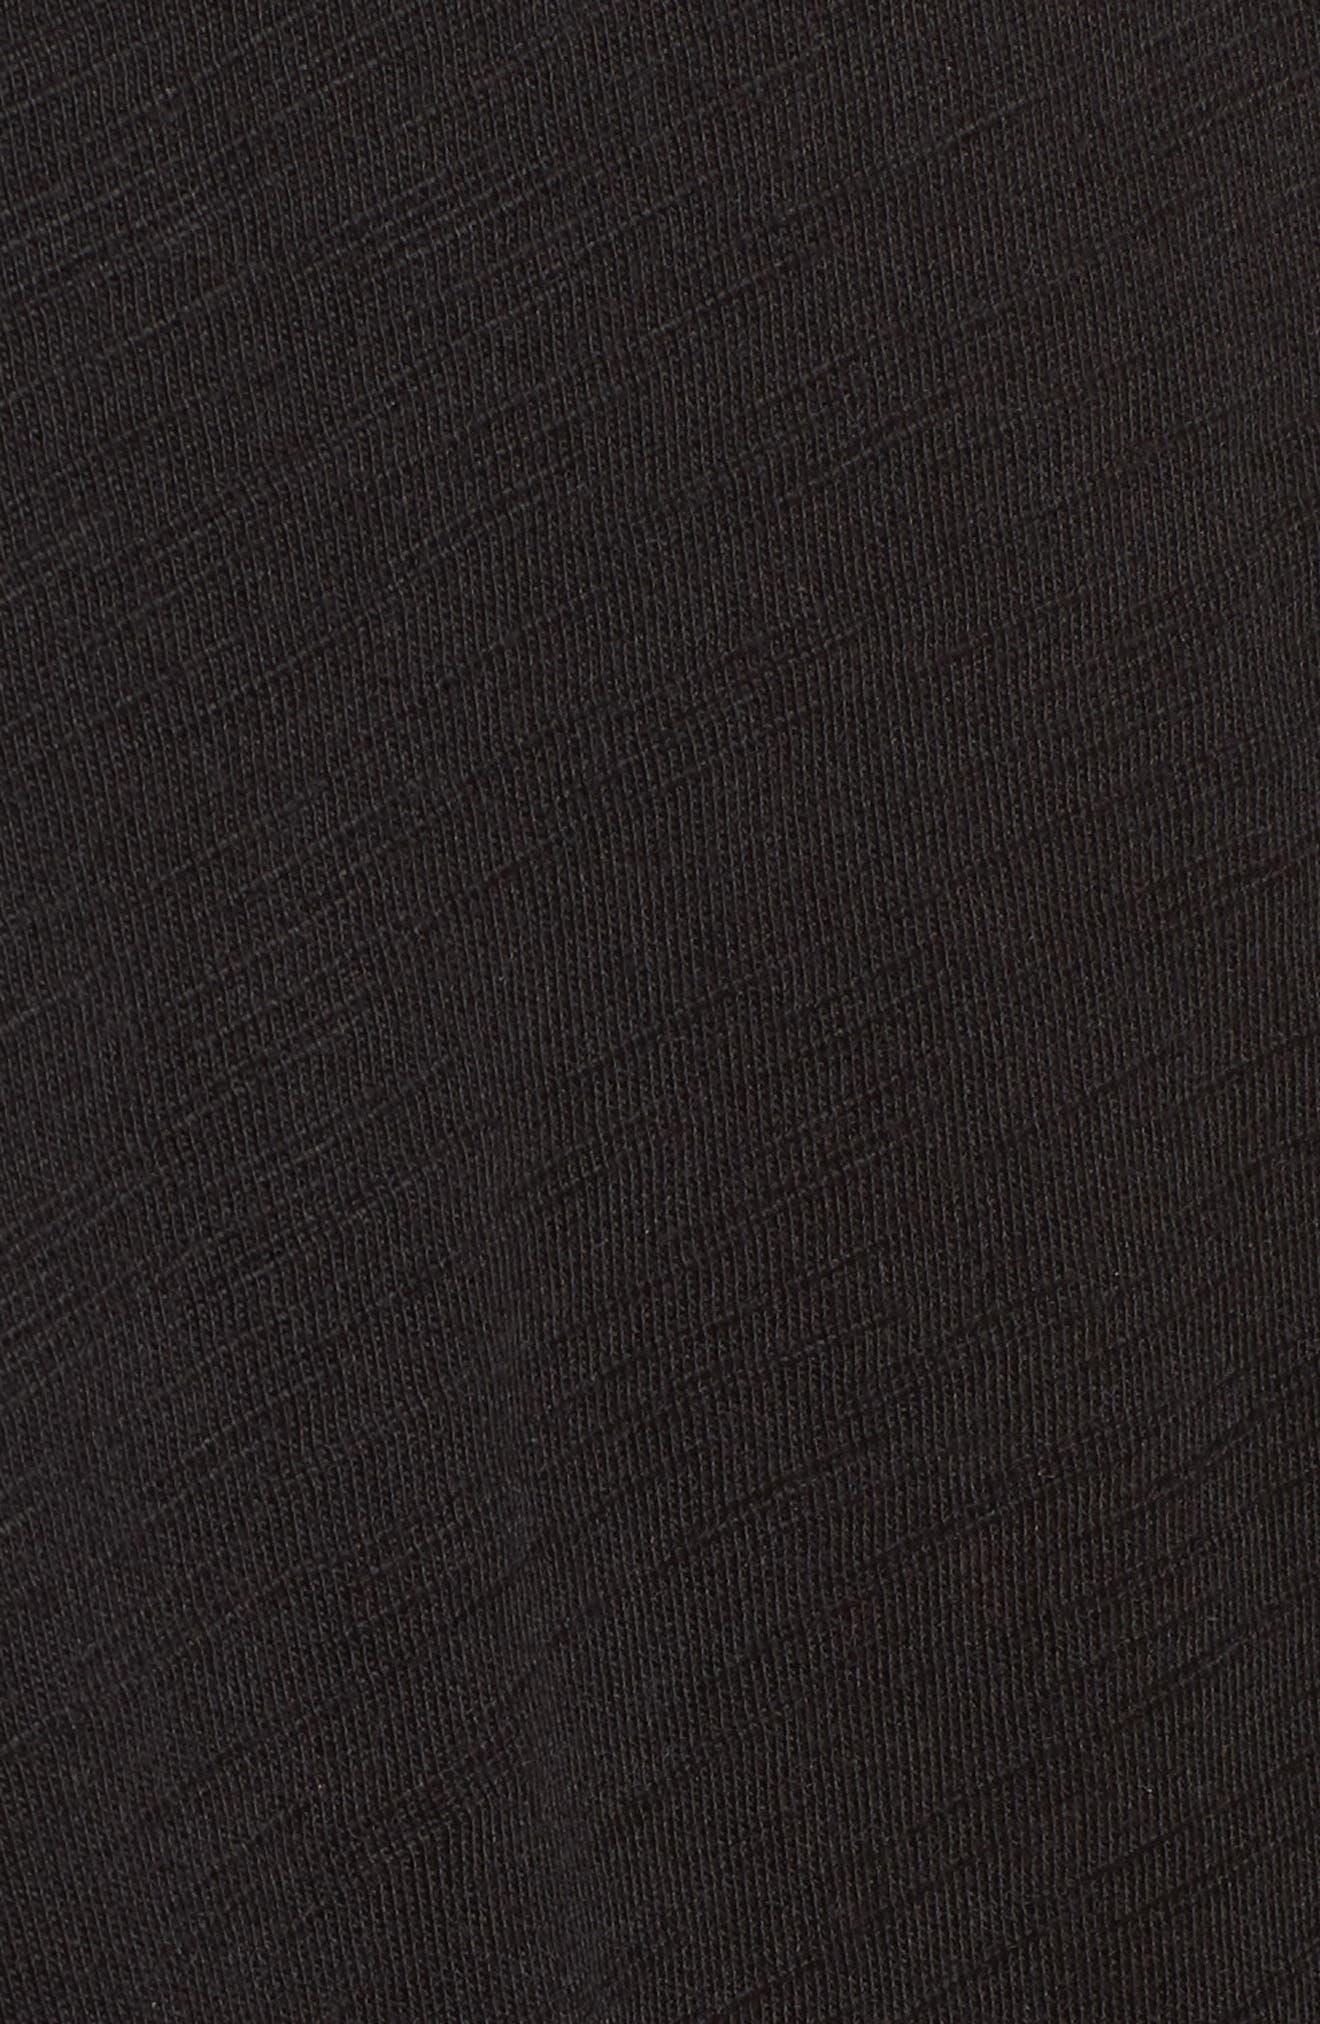 Twist Front Knit Dress,                             Alternate thumbnail 6, color,                             001